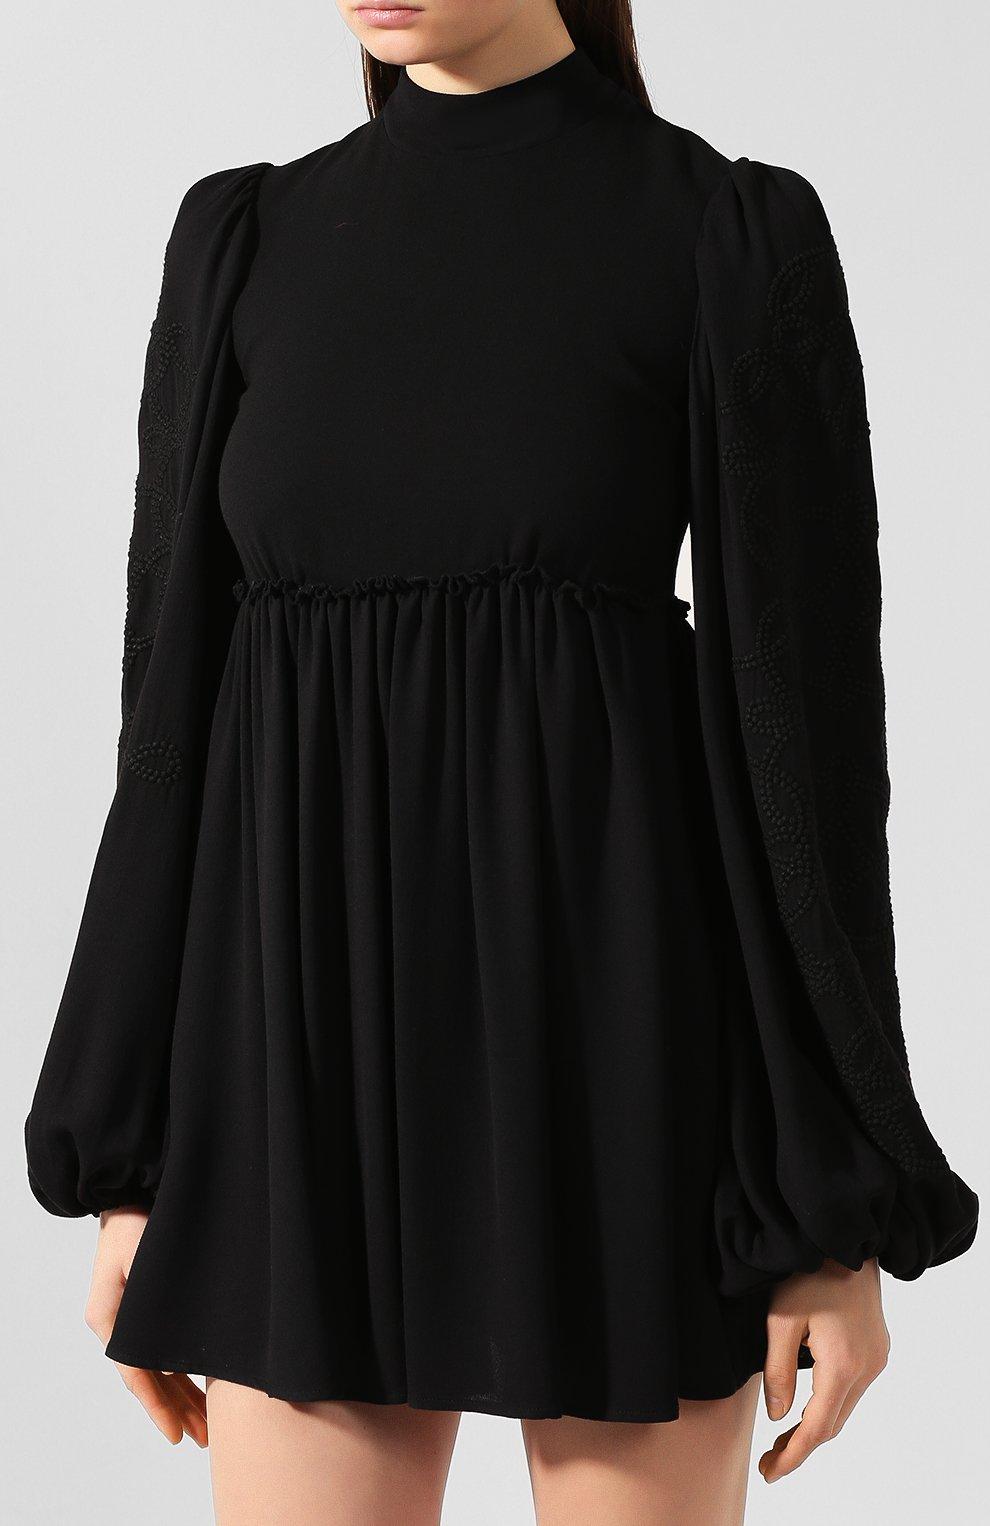 Женское платье из смеси вискозы и шерсти WANDERING черного цвета, арт. WGW19411 | Фото 3